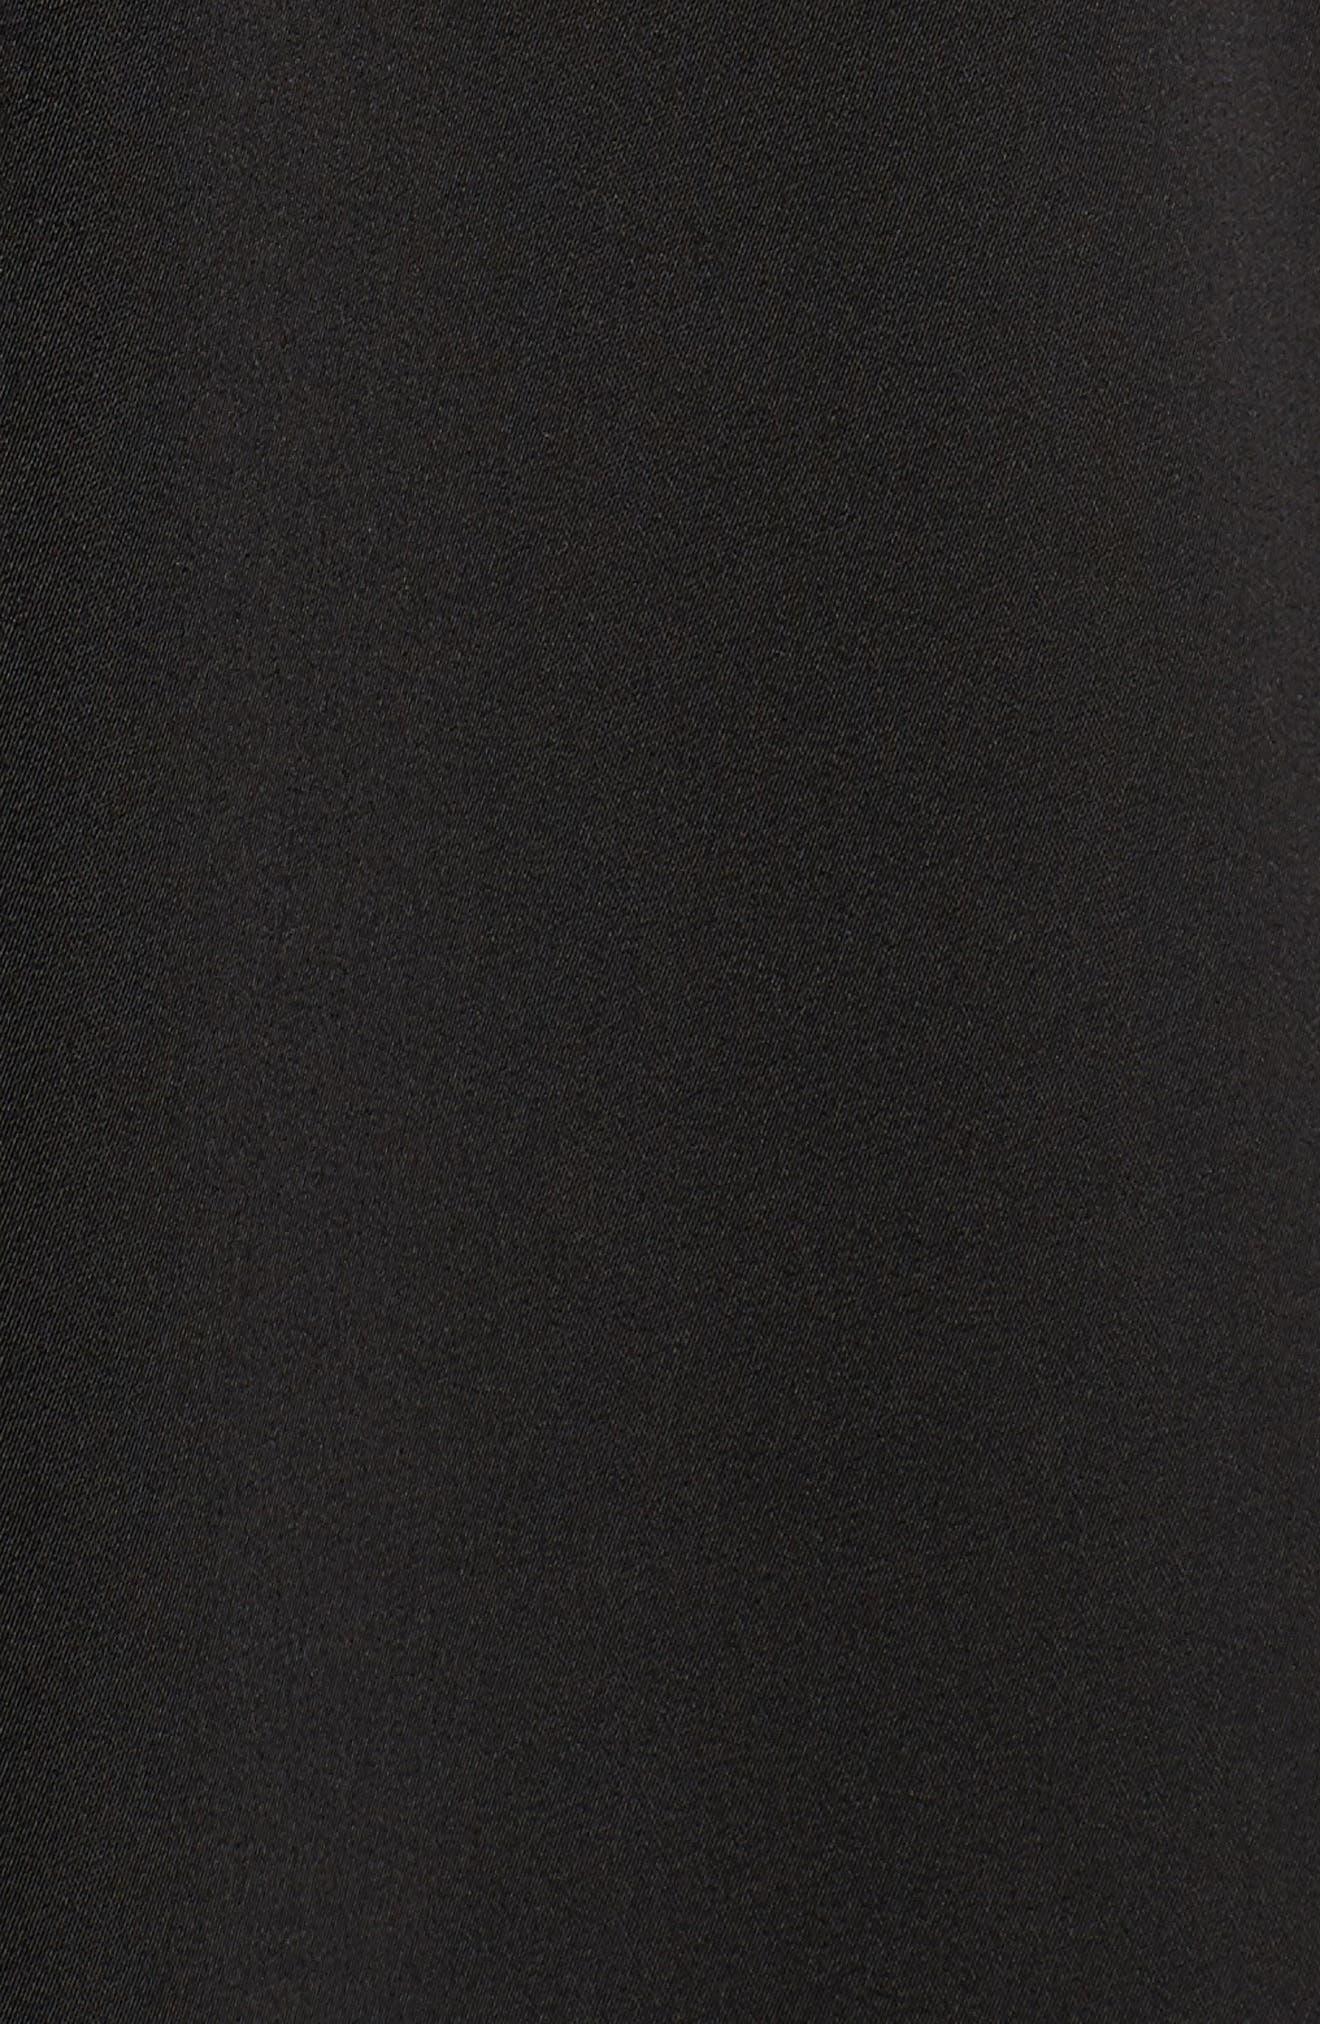 Rhea Floral Appliqué A-Line Dress,                             Alternate thumbnail 5, color,                             Black Multi